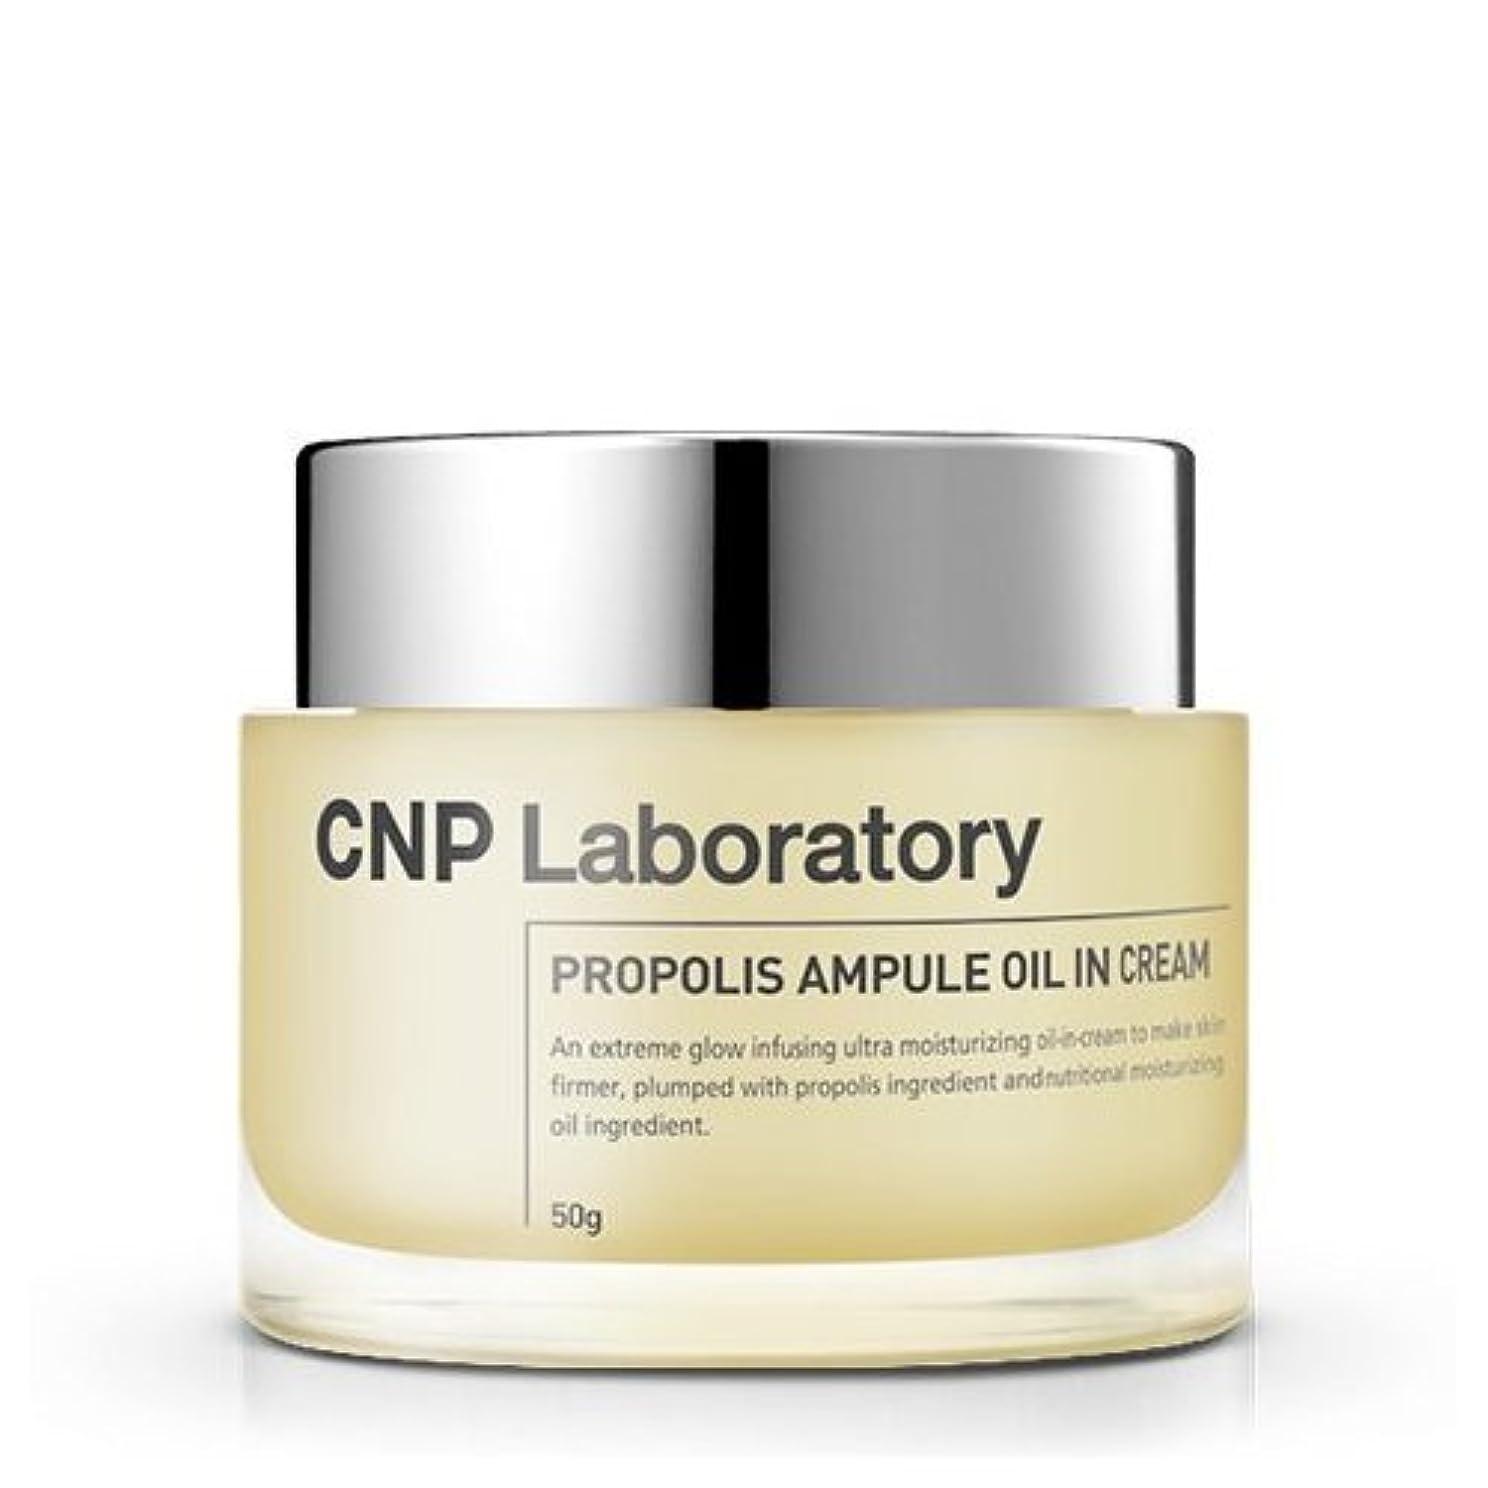 キャラバン損傷定規CNP Laboratory プロポリスアンプルオイルインクリーム50ミリリットル